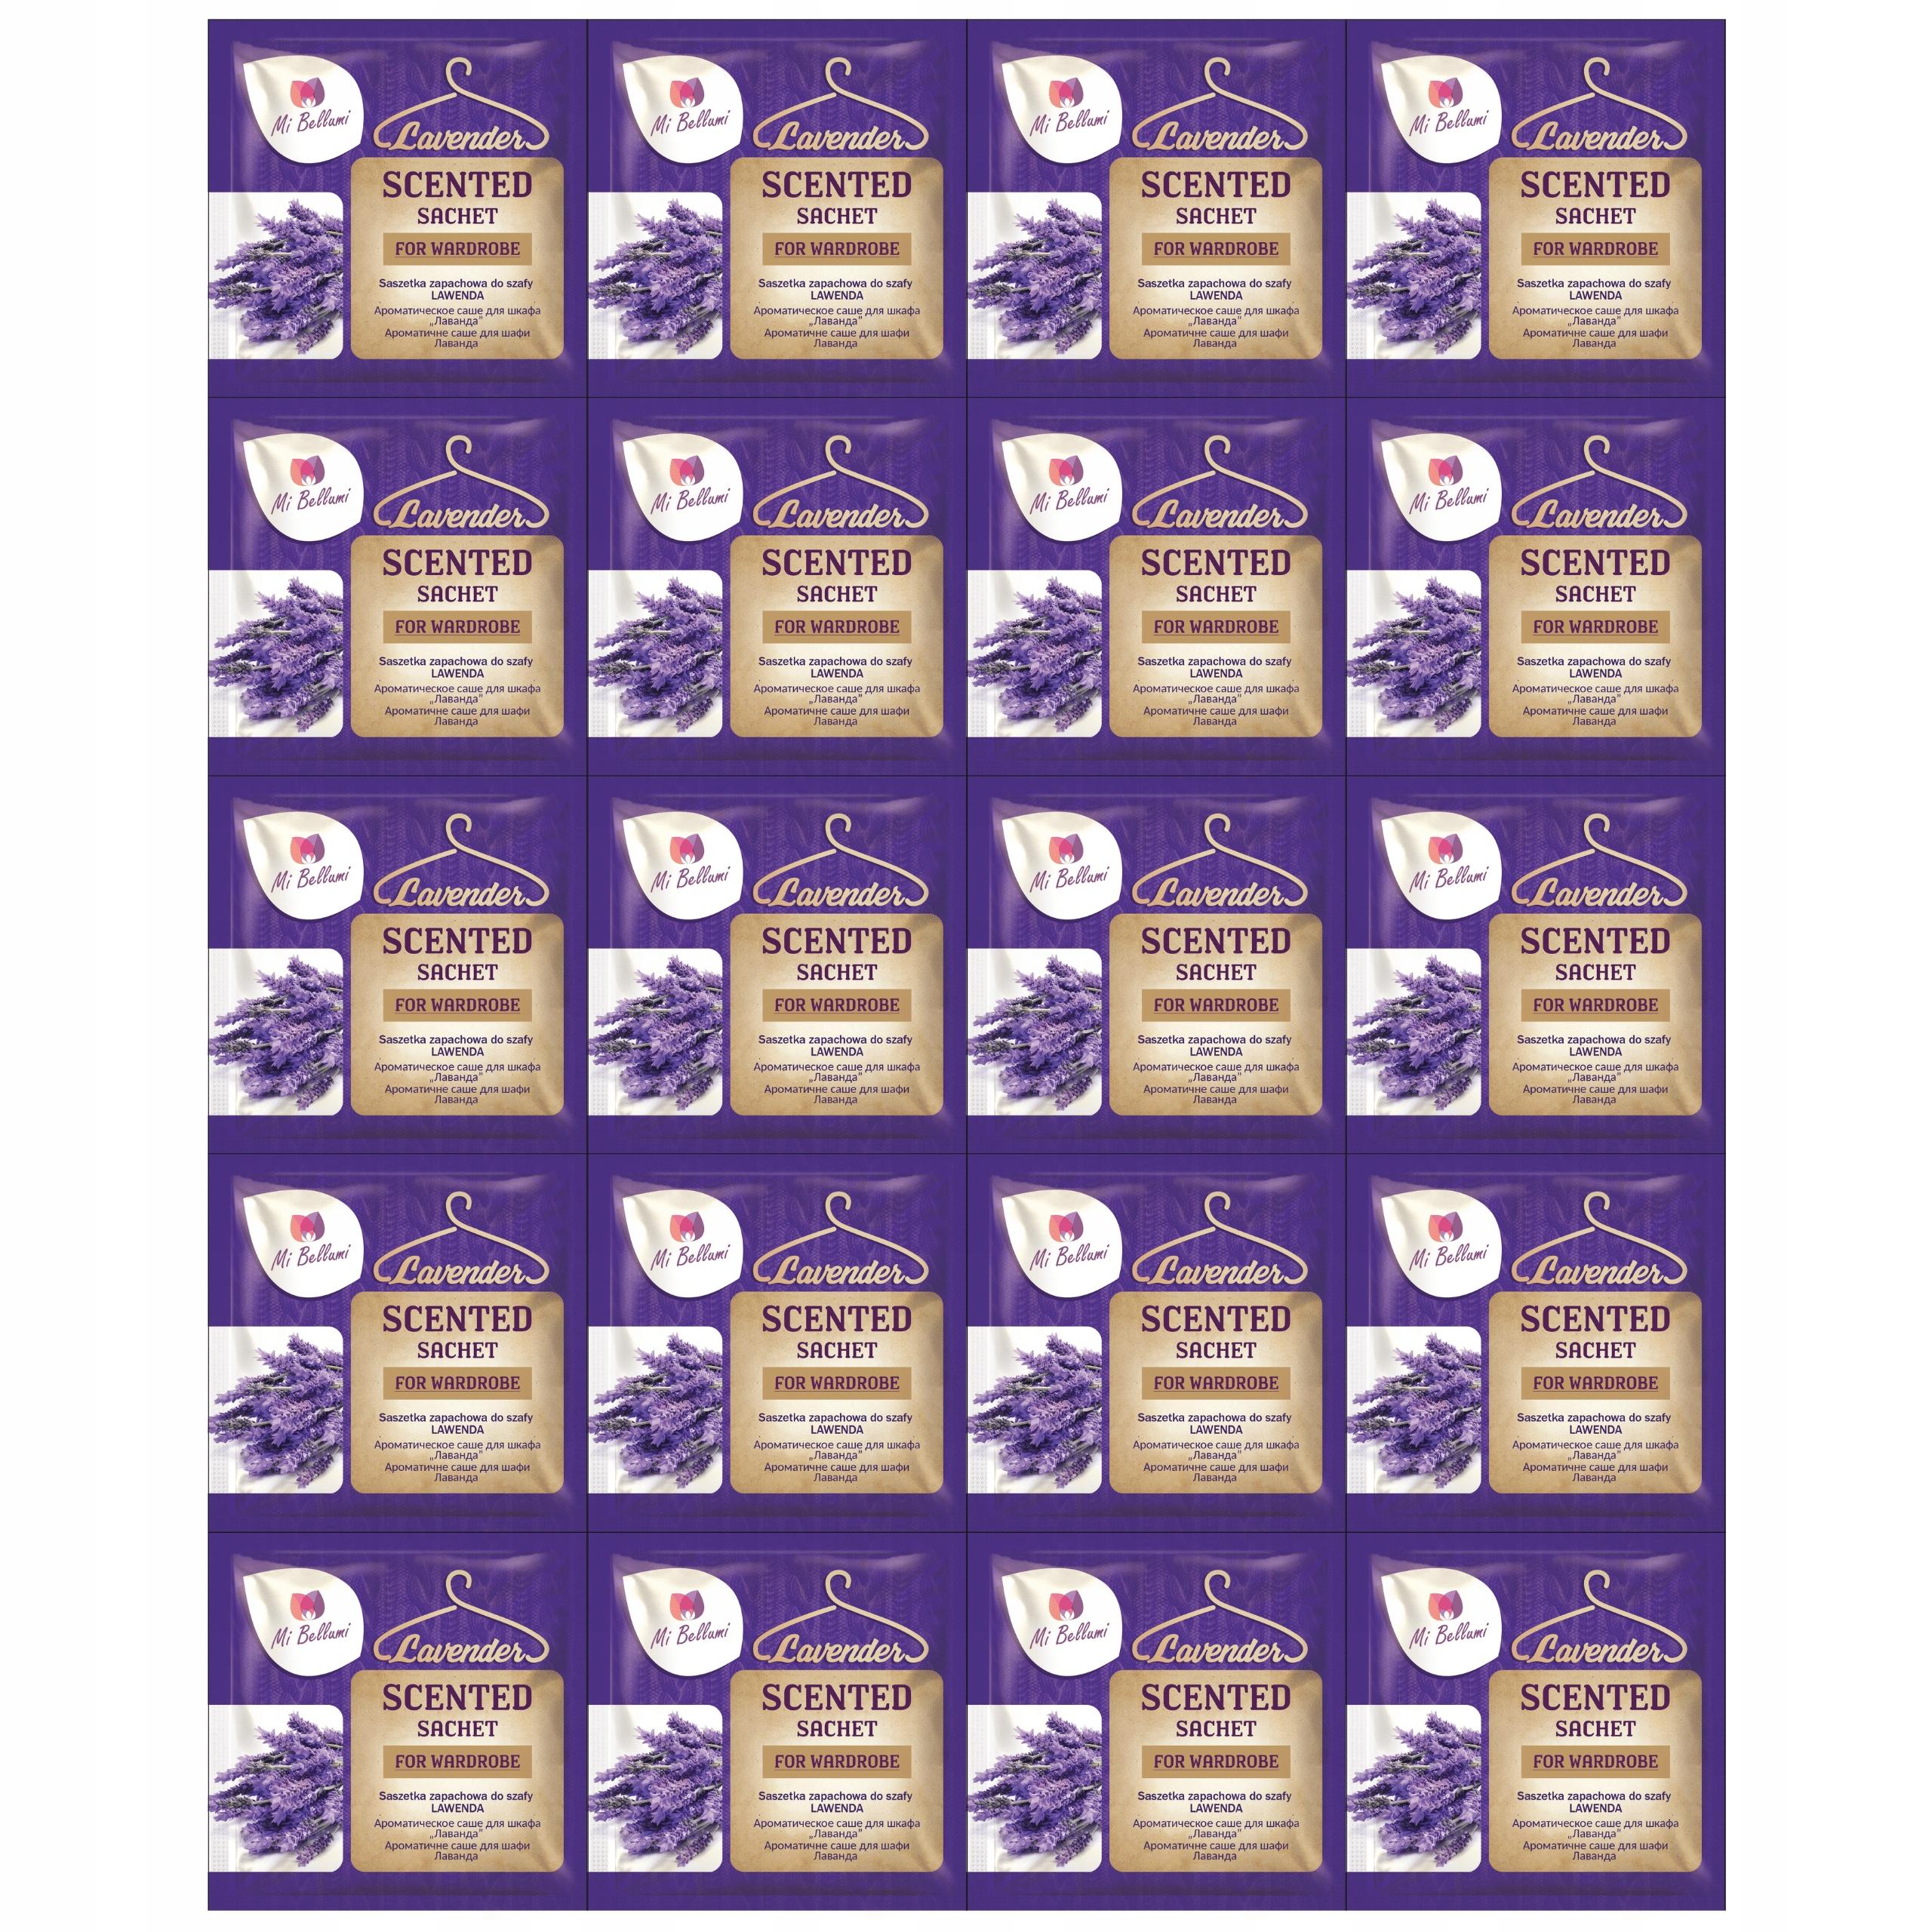 20 X SASZETKI ZAPACHOWE DO SZAFY LAWENDA 5,5 G